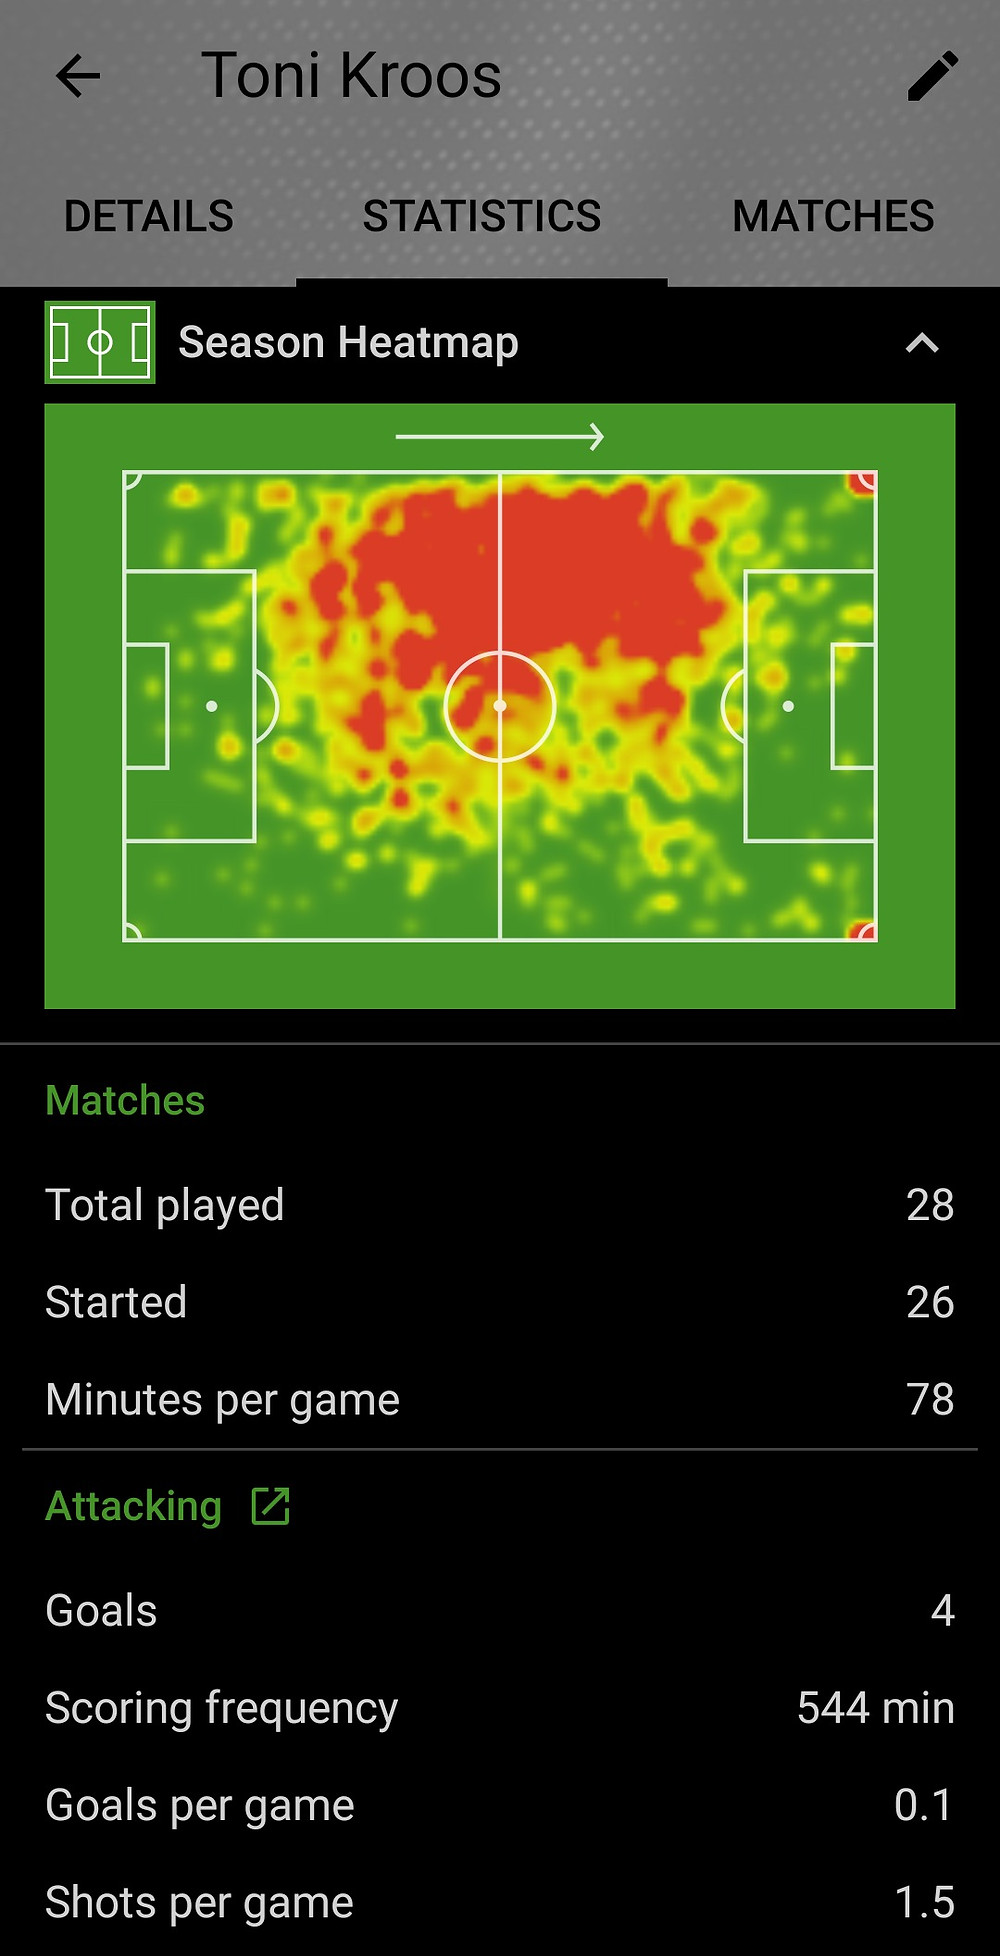 Toni Kroos 2019/20 SofaScore Football Statistics